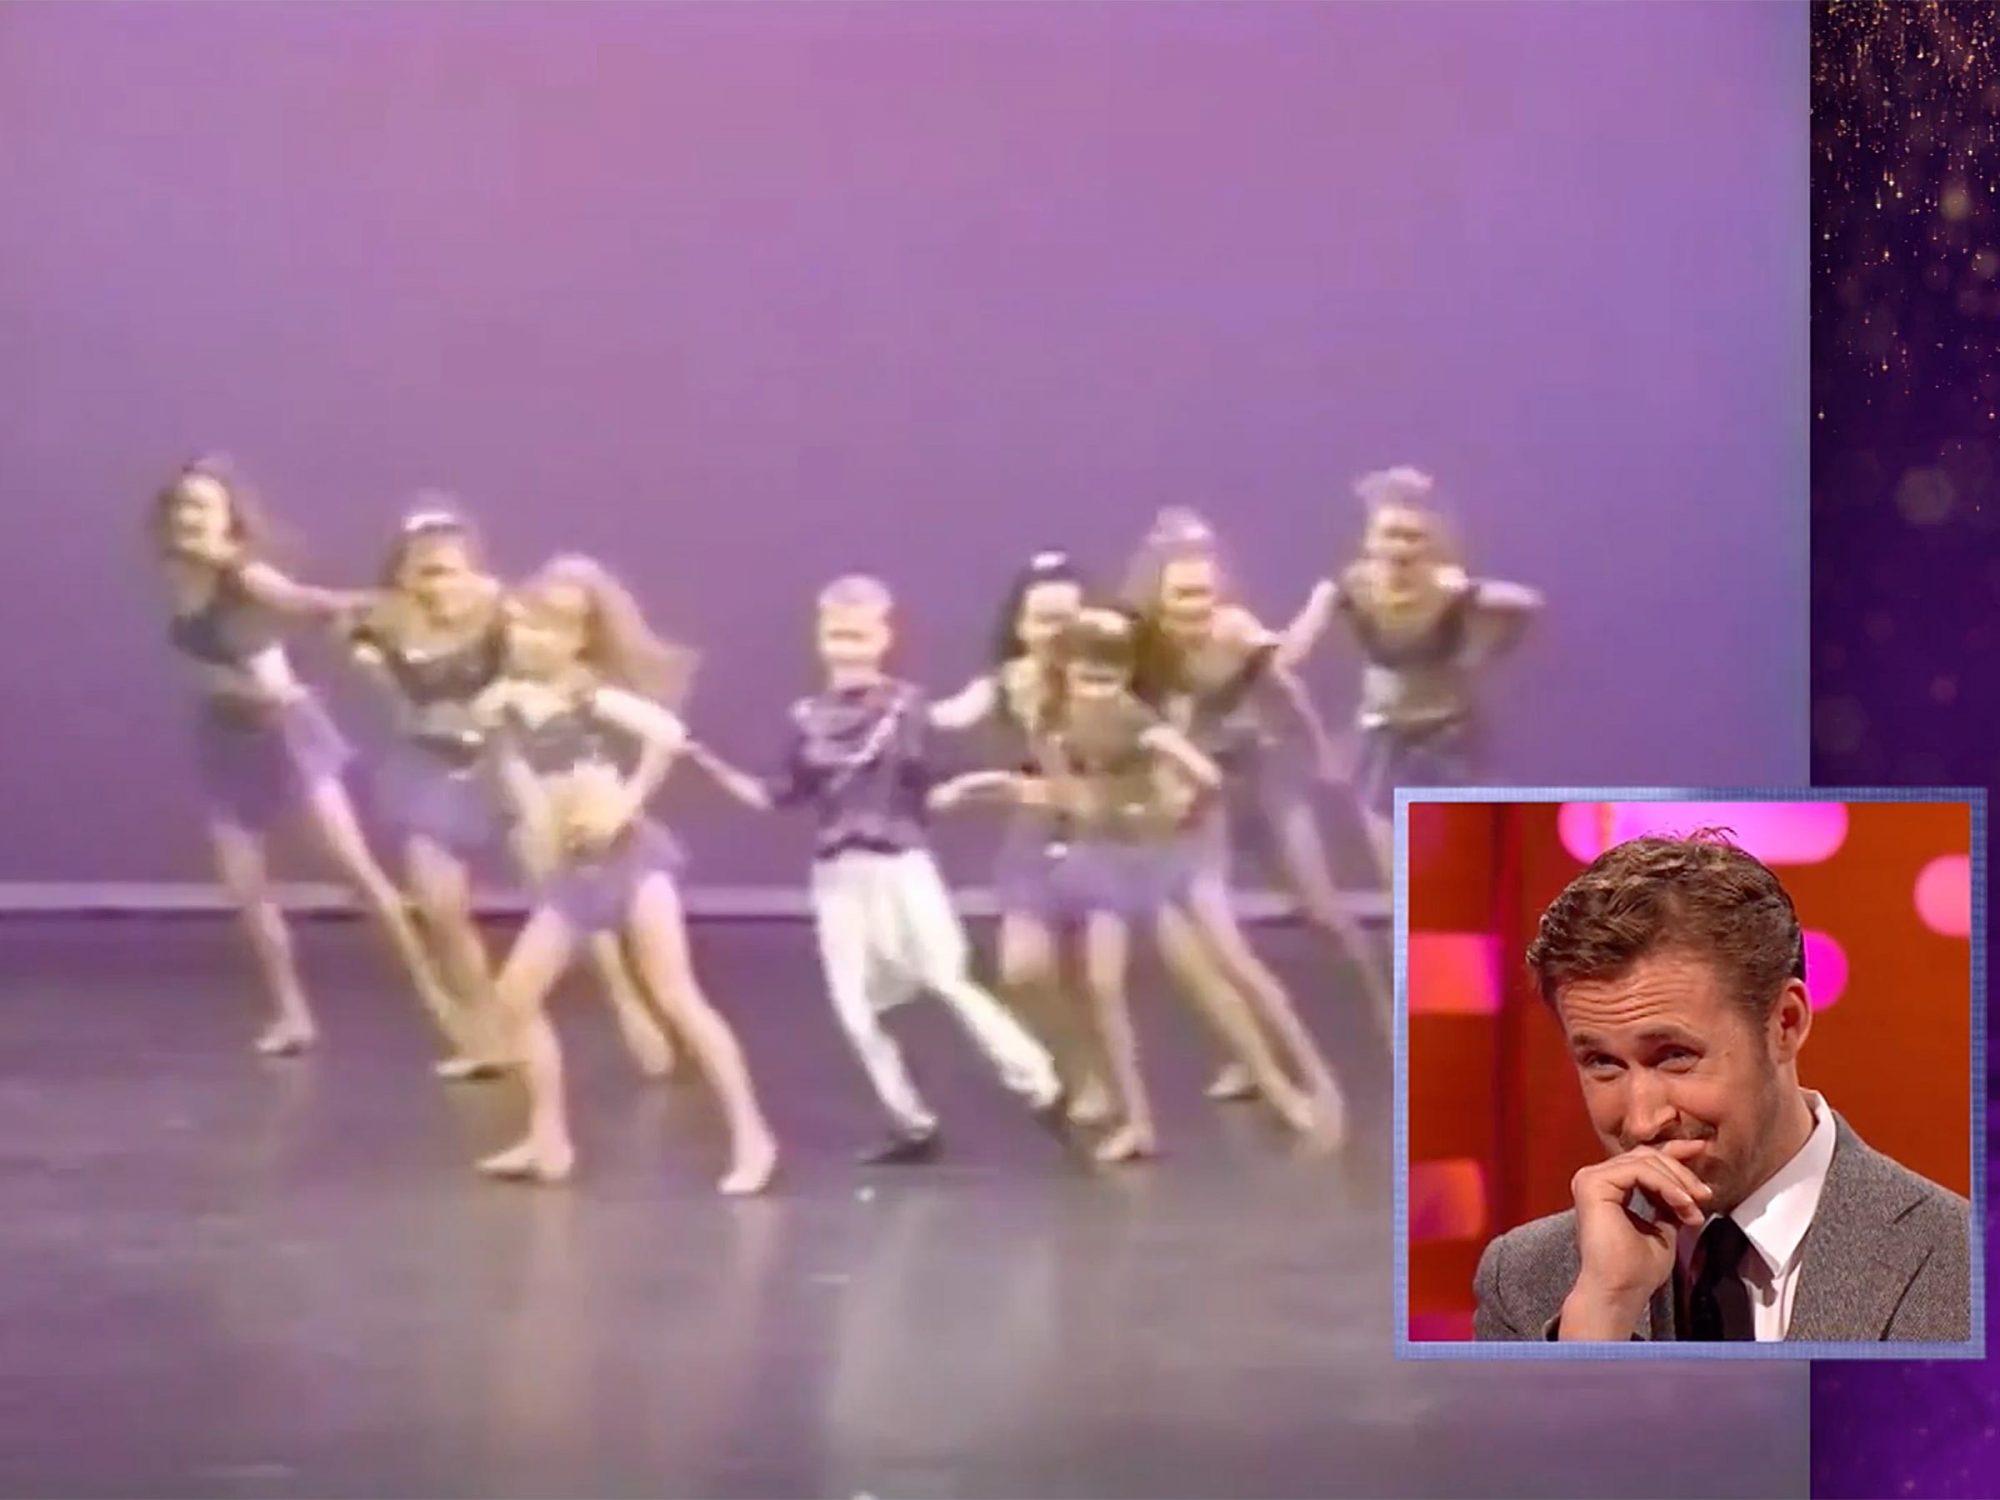 ryan-gosling-dancing